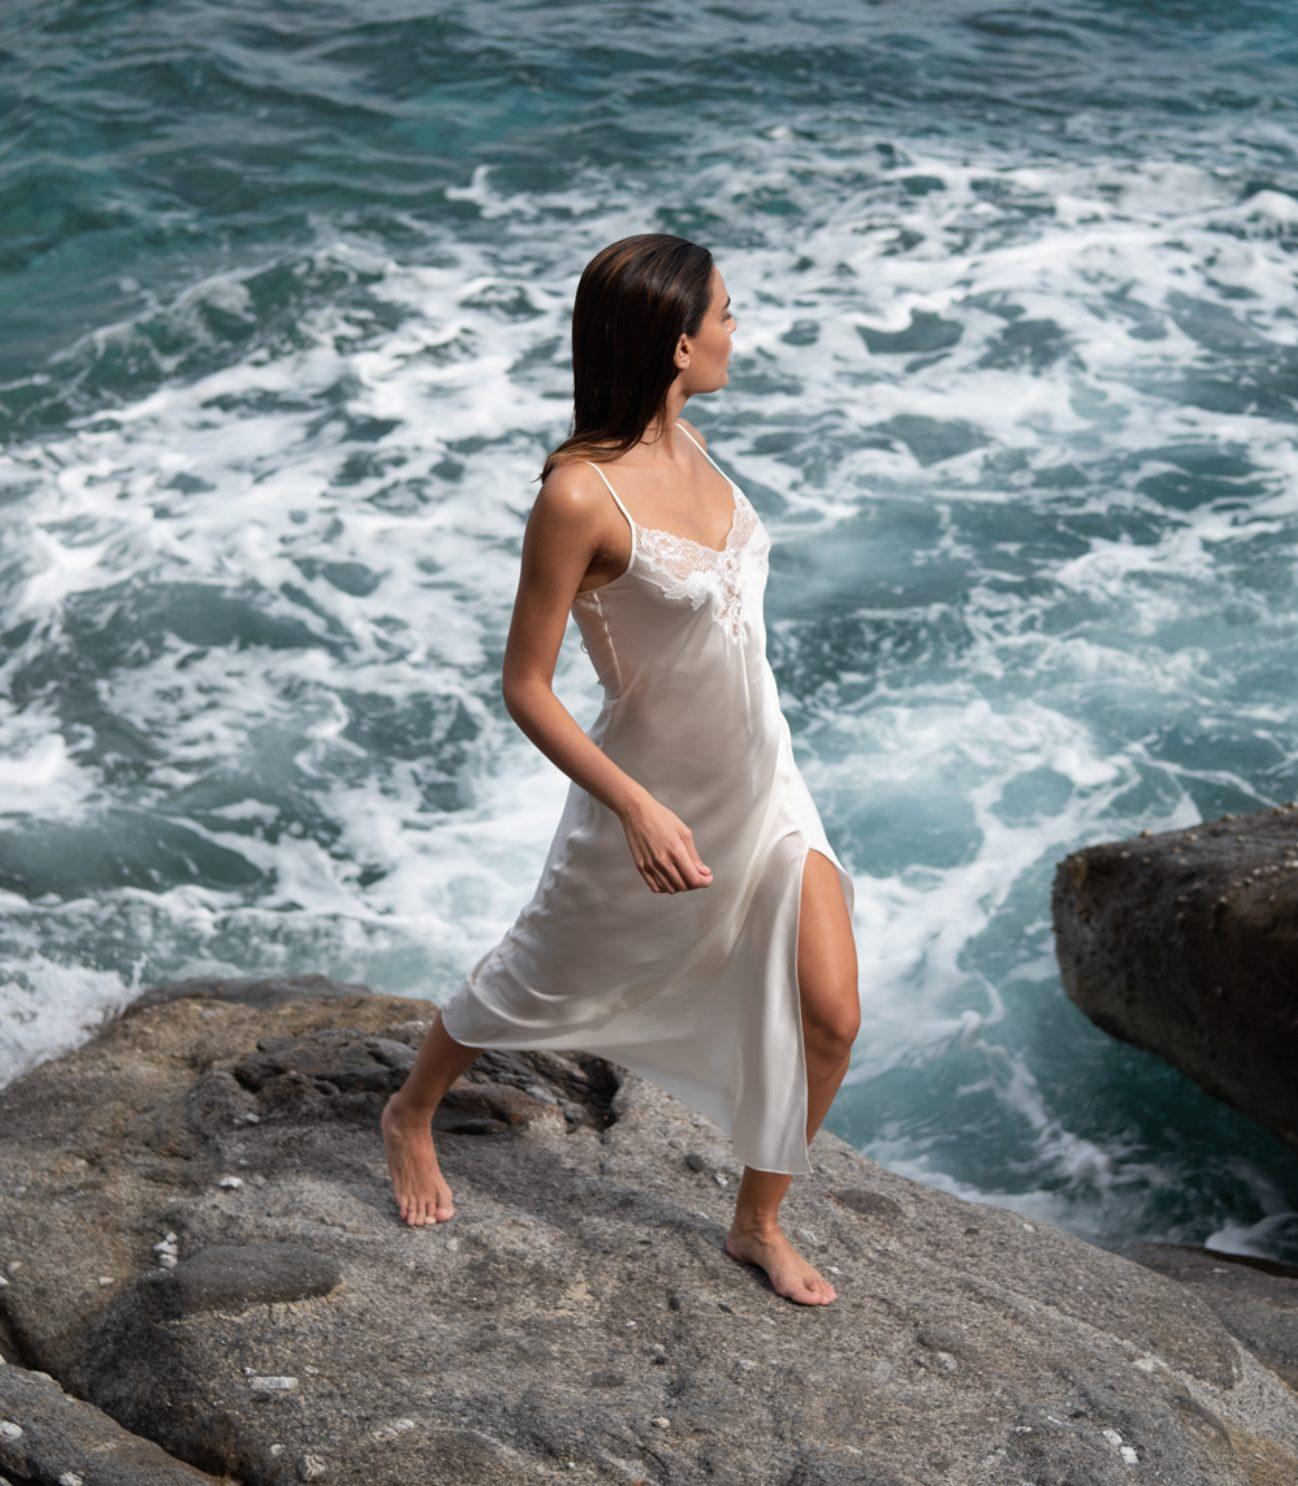 chemise de nuit soie naturelle lingerie lugdivine 13